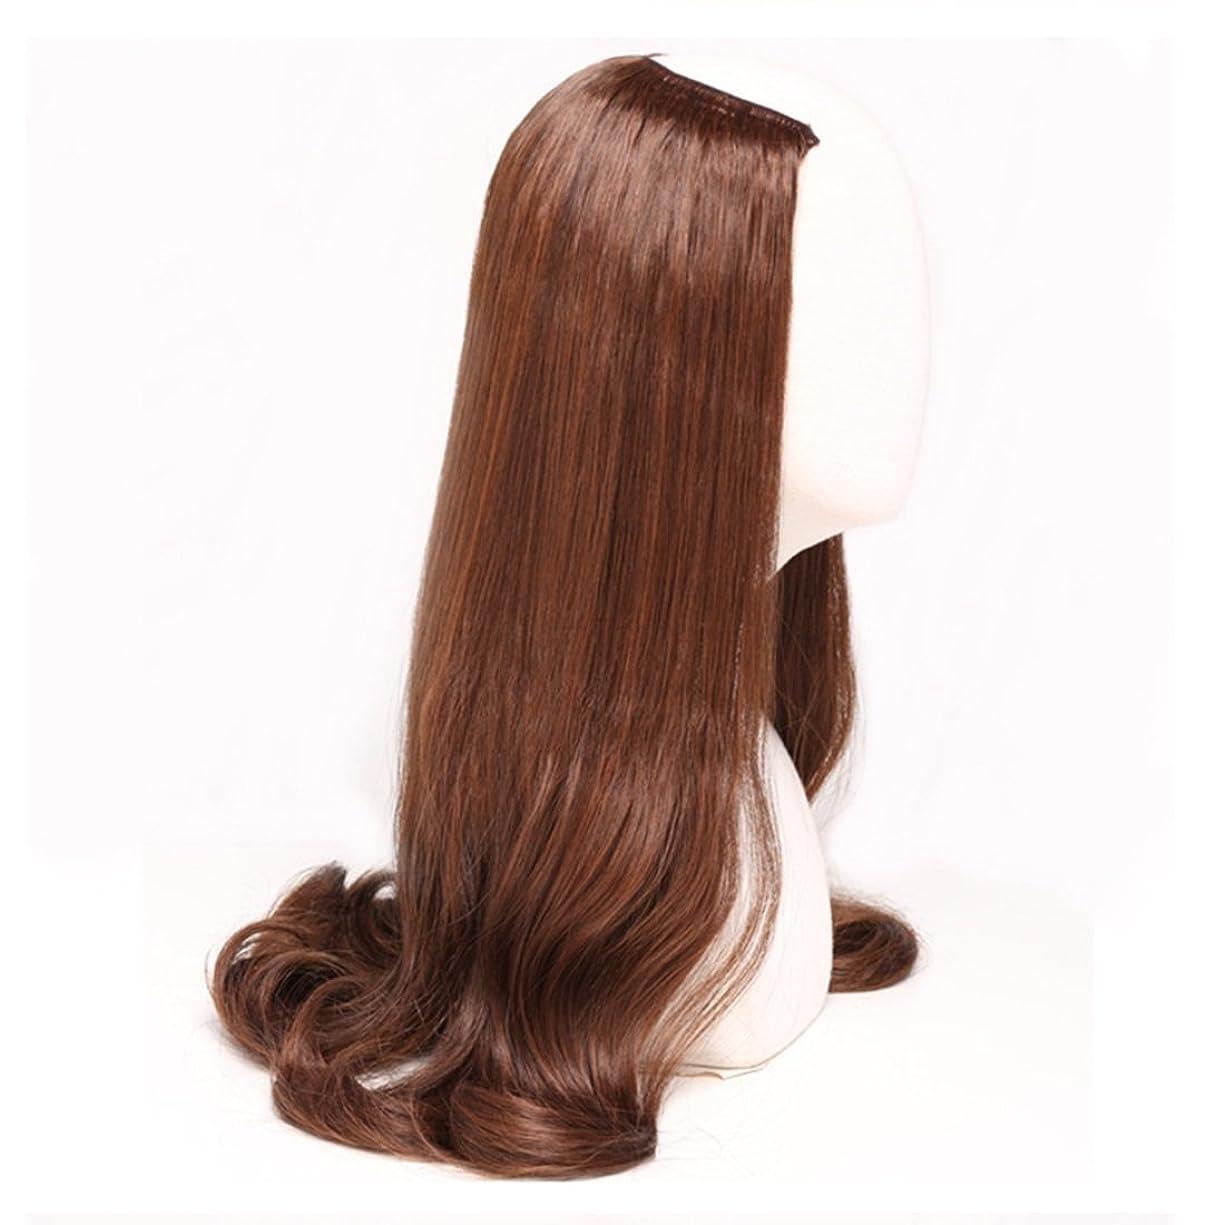 撤回するテストジュラシックパークJIANFU 女性のための半分のかつら人間の長いカーリーヘアU字型かつら合成高温ウィッグなしトレースと目に見えない髪220g (Color : ブラウン)